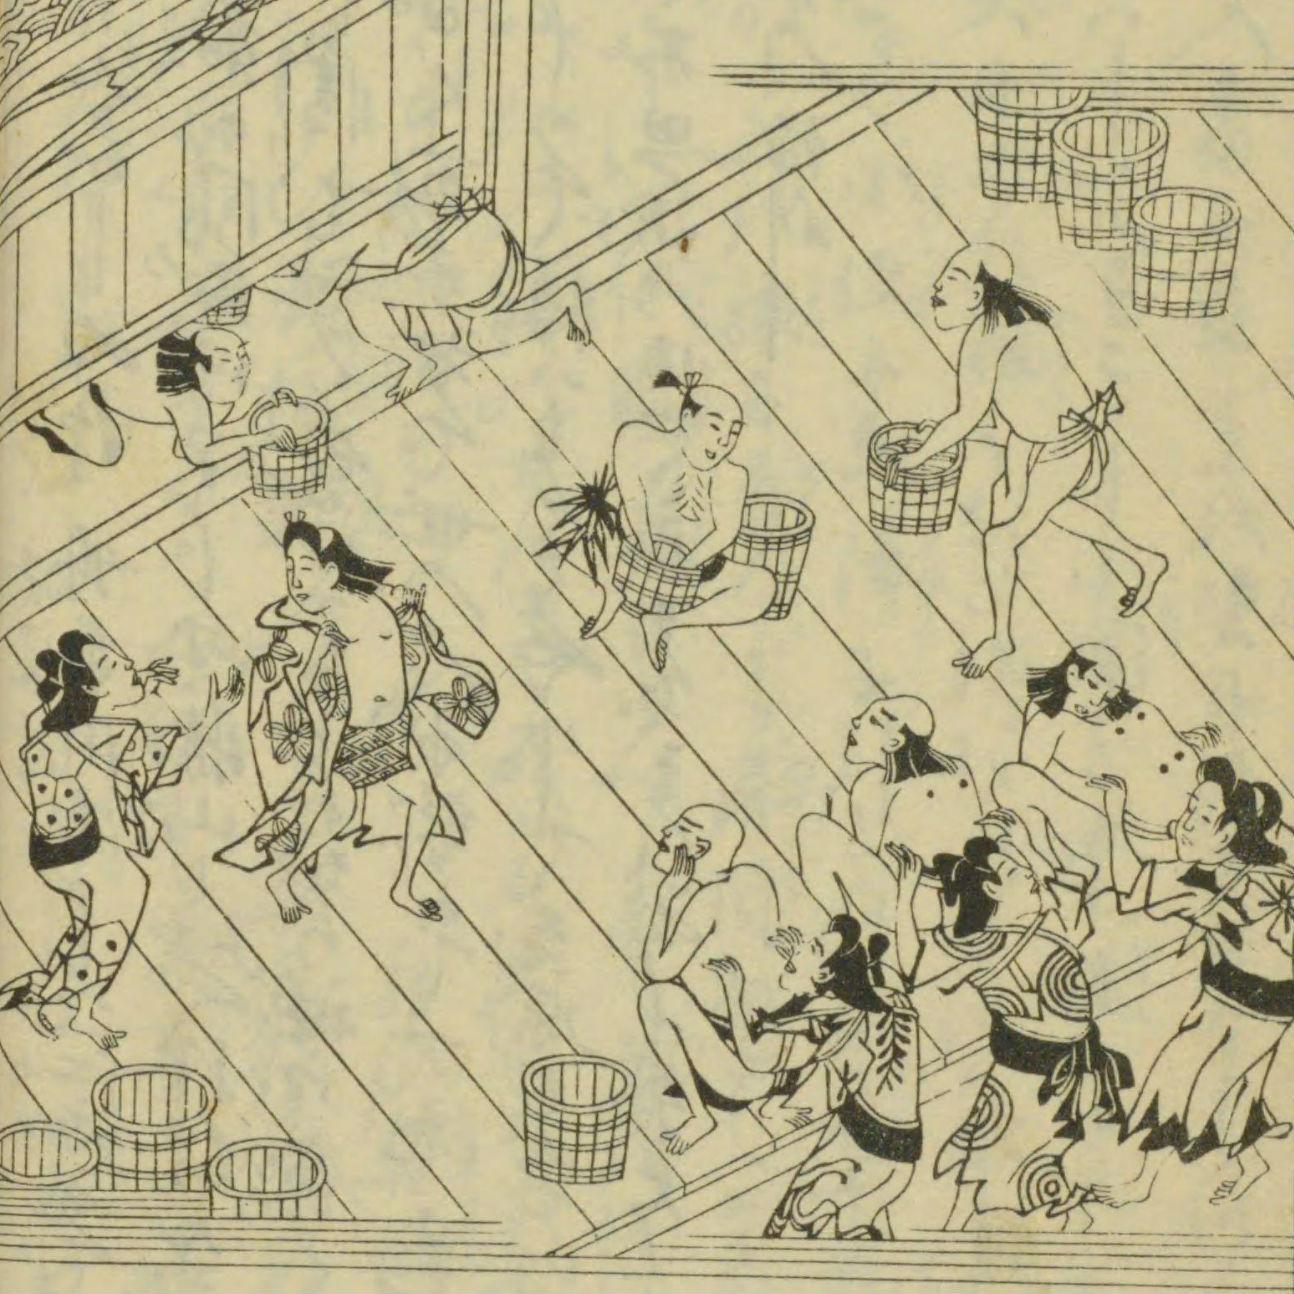 幕末の日本を訪れた外国人は混浴が好き? 嫌い?